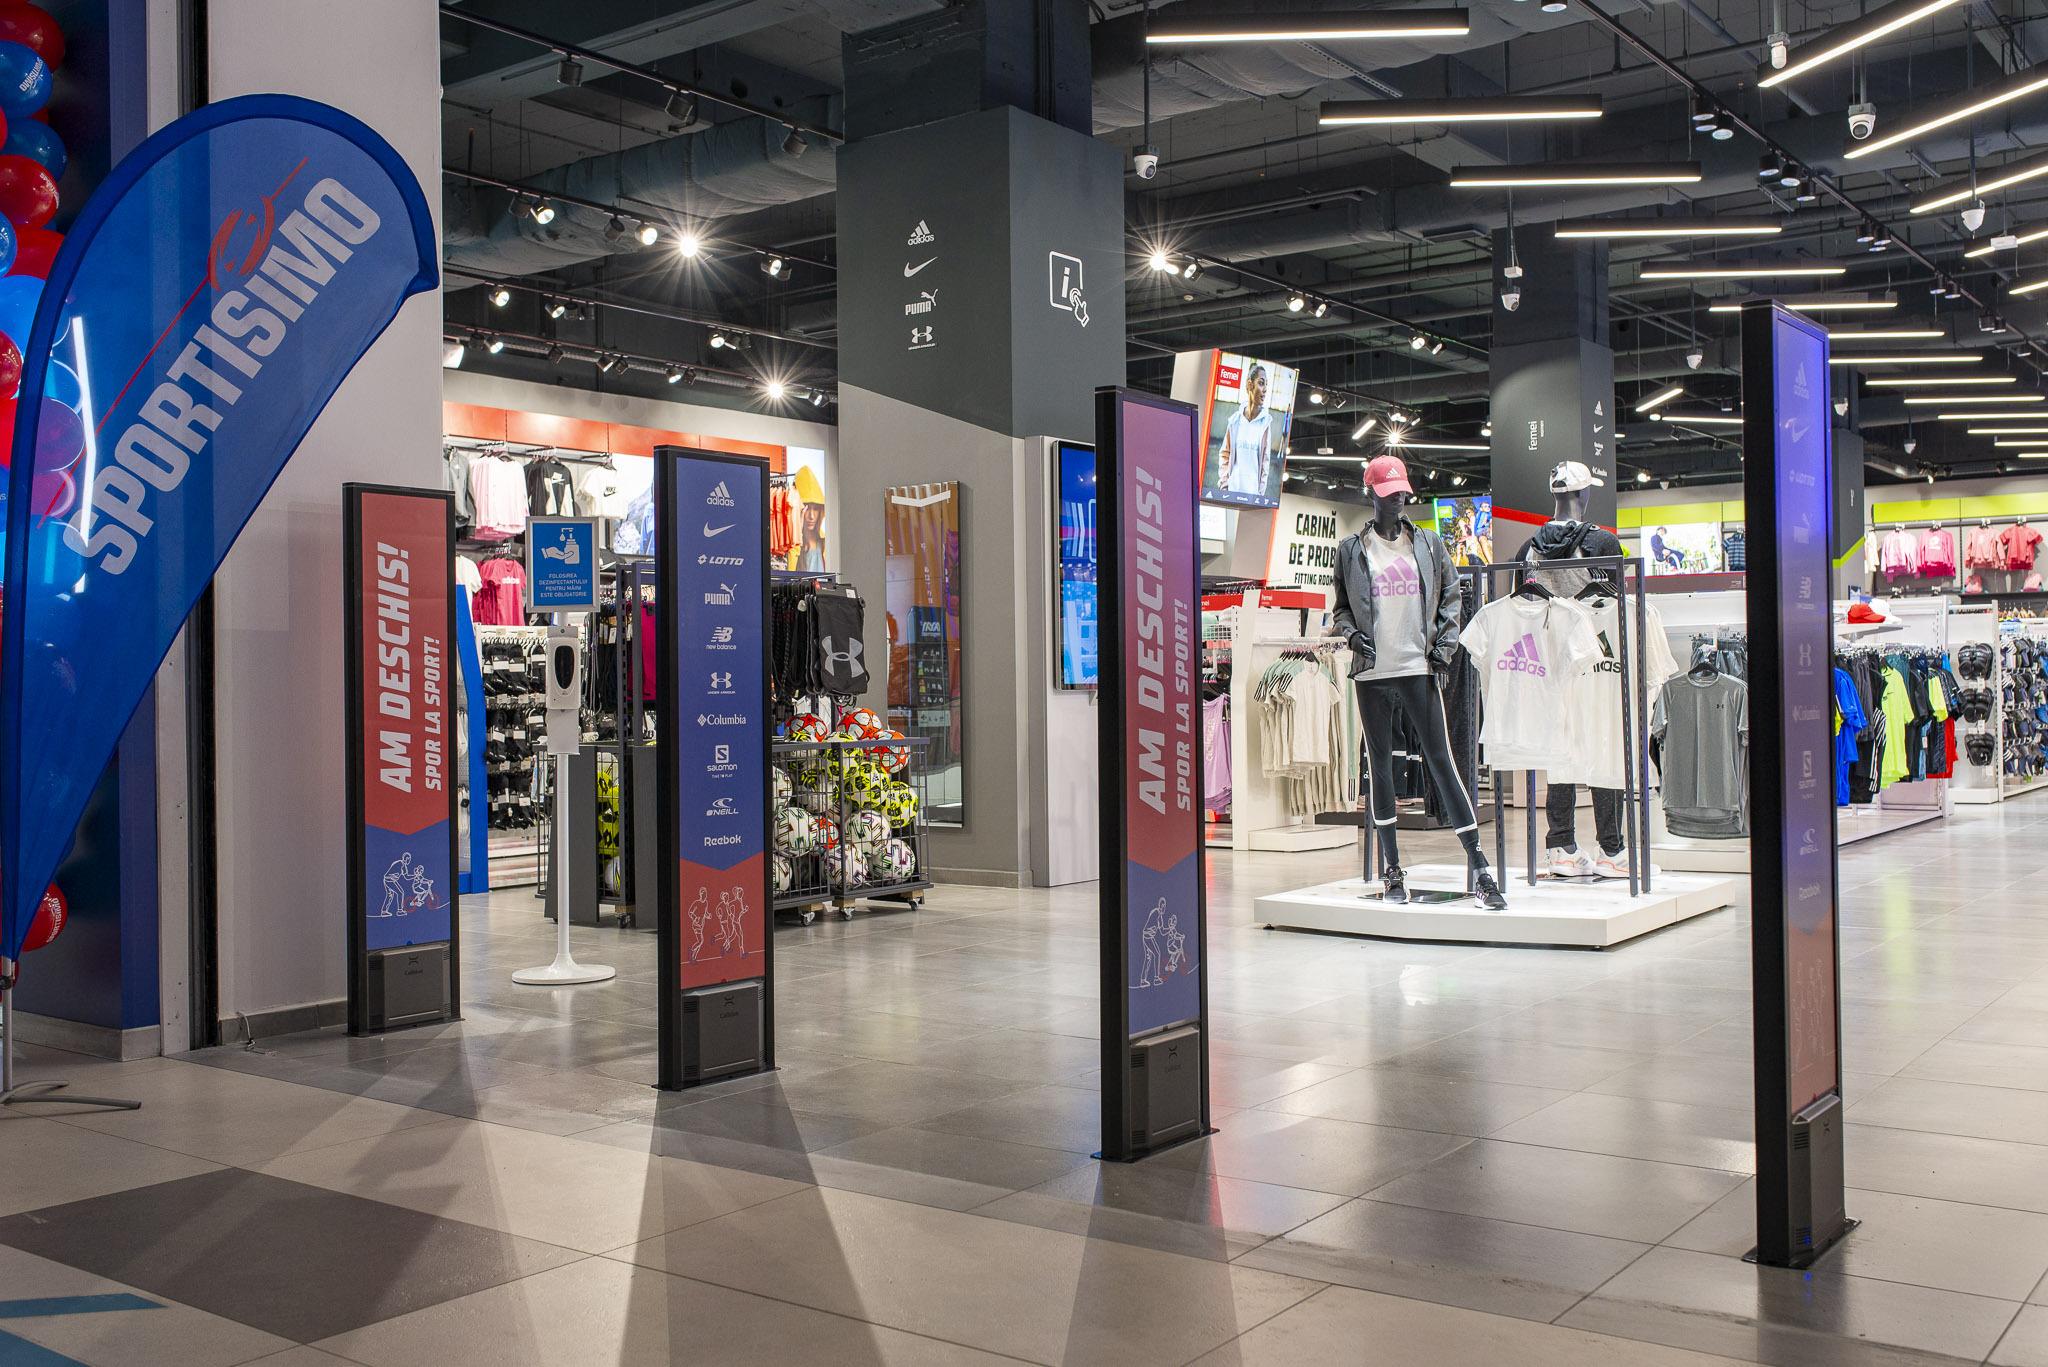 Cehii de la Sportisimo merg cu un magazin în centrul comercial Mega Mall din Capitală şi ajung la 35 de unităţi pe plan local. Până la finalul anului, retailerul de articole sportive vrea să ajungă la 40 de magazine